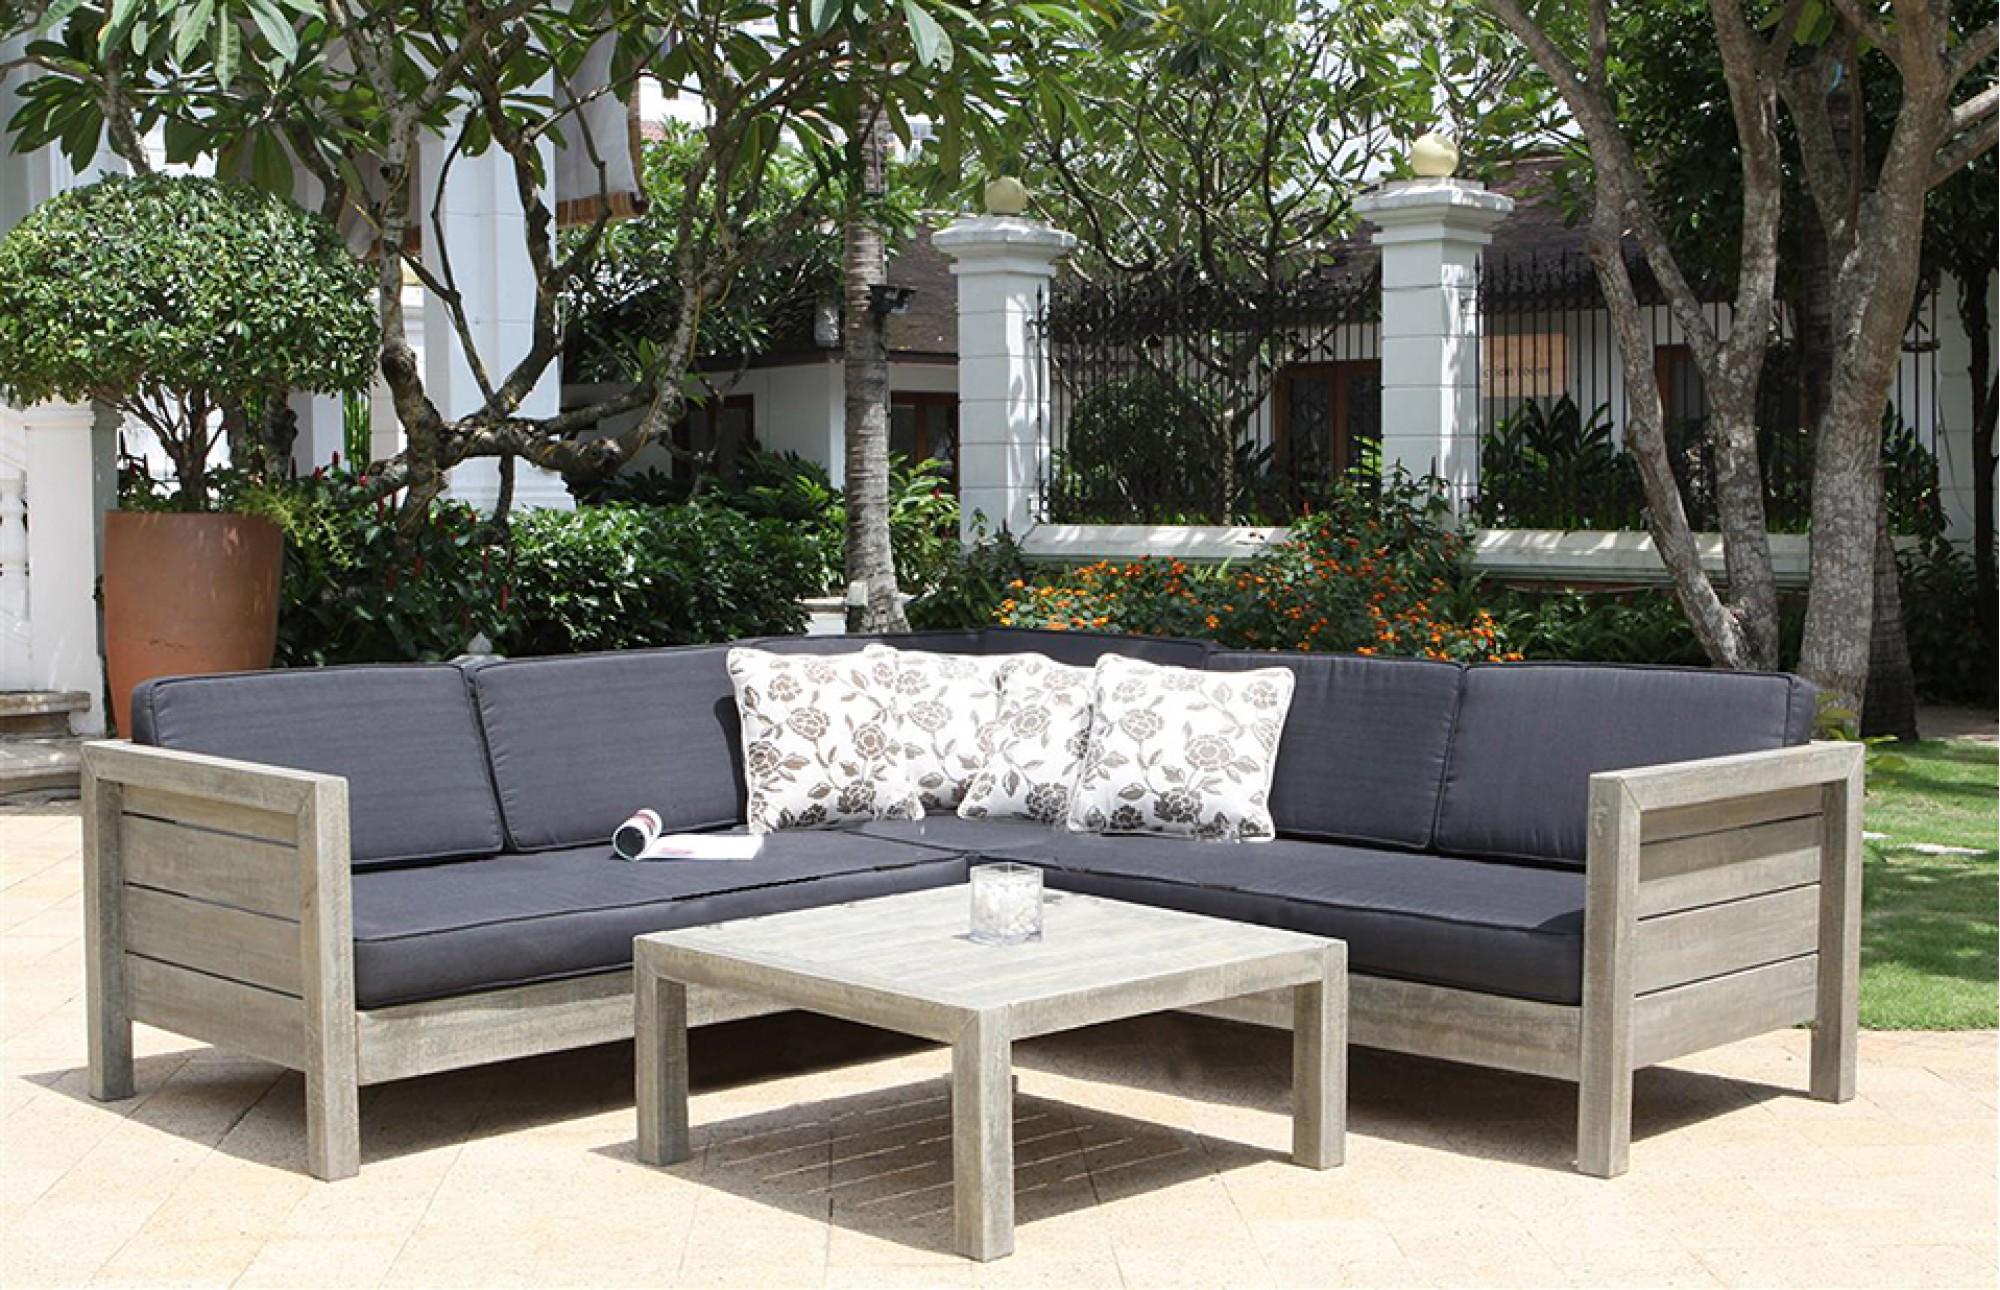 Garden Sofas Rattan Garden Sofa Sets For Cly Carehomedecor Thesofa